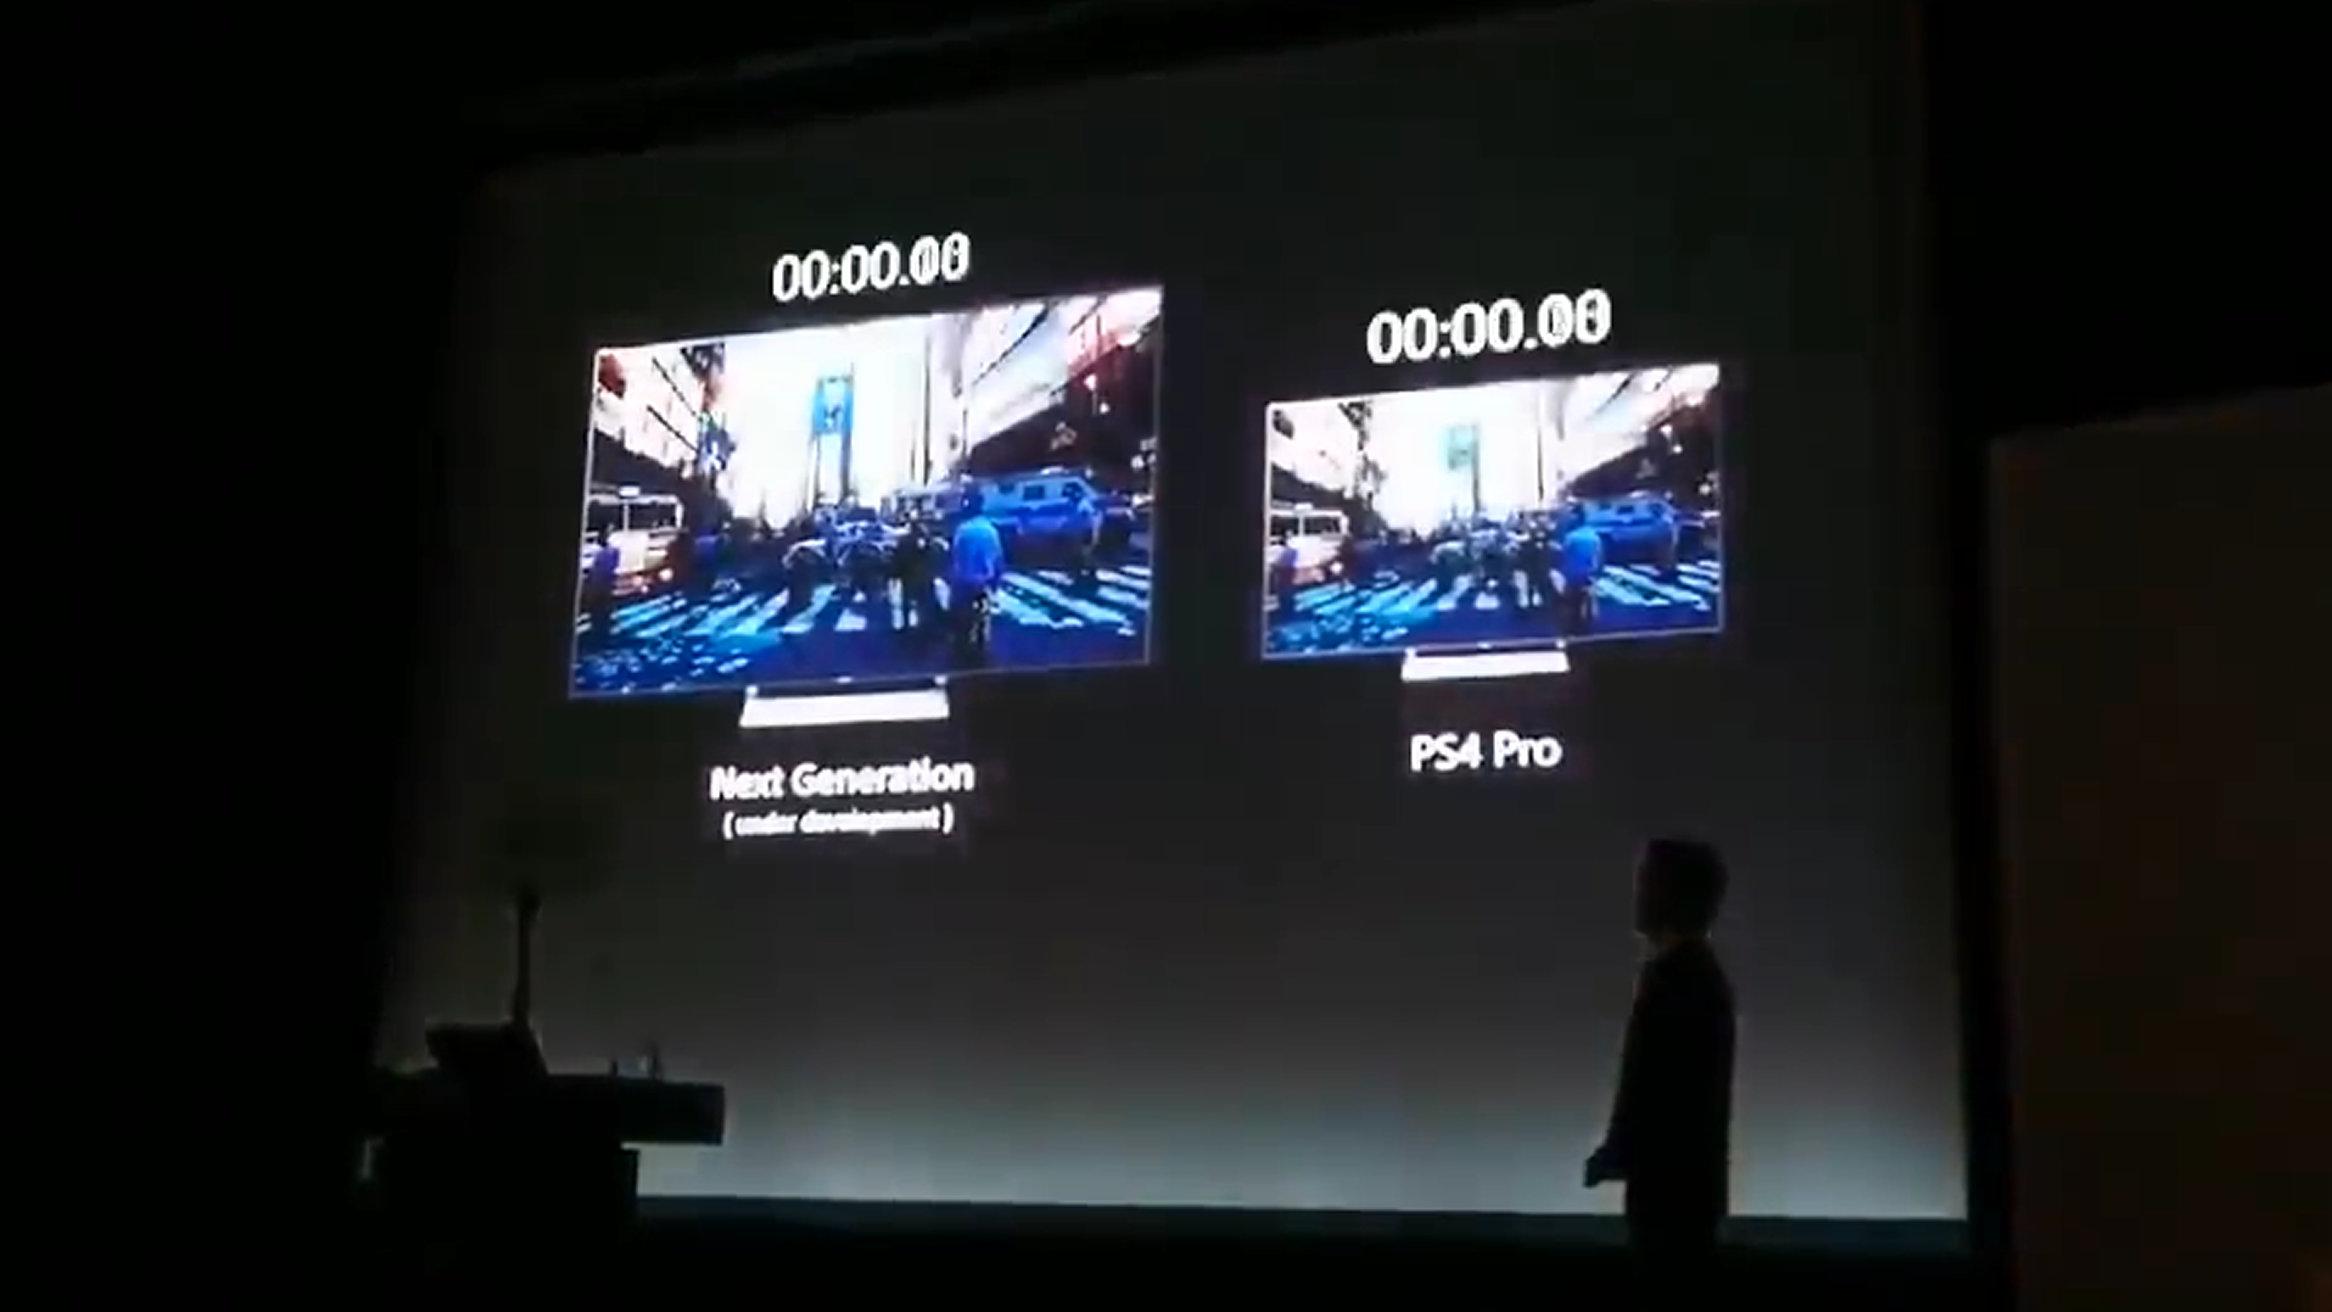 プレイステーション5、ロード時間が早く新たなゲーム性